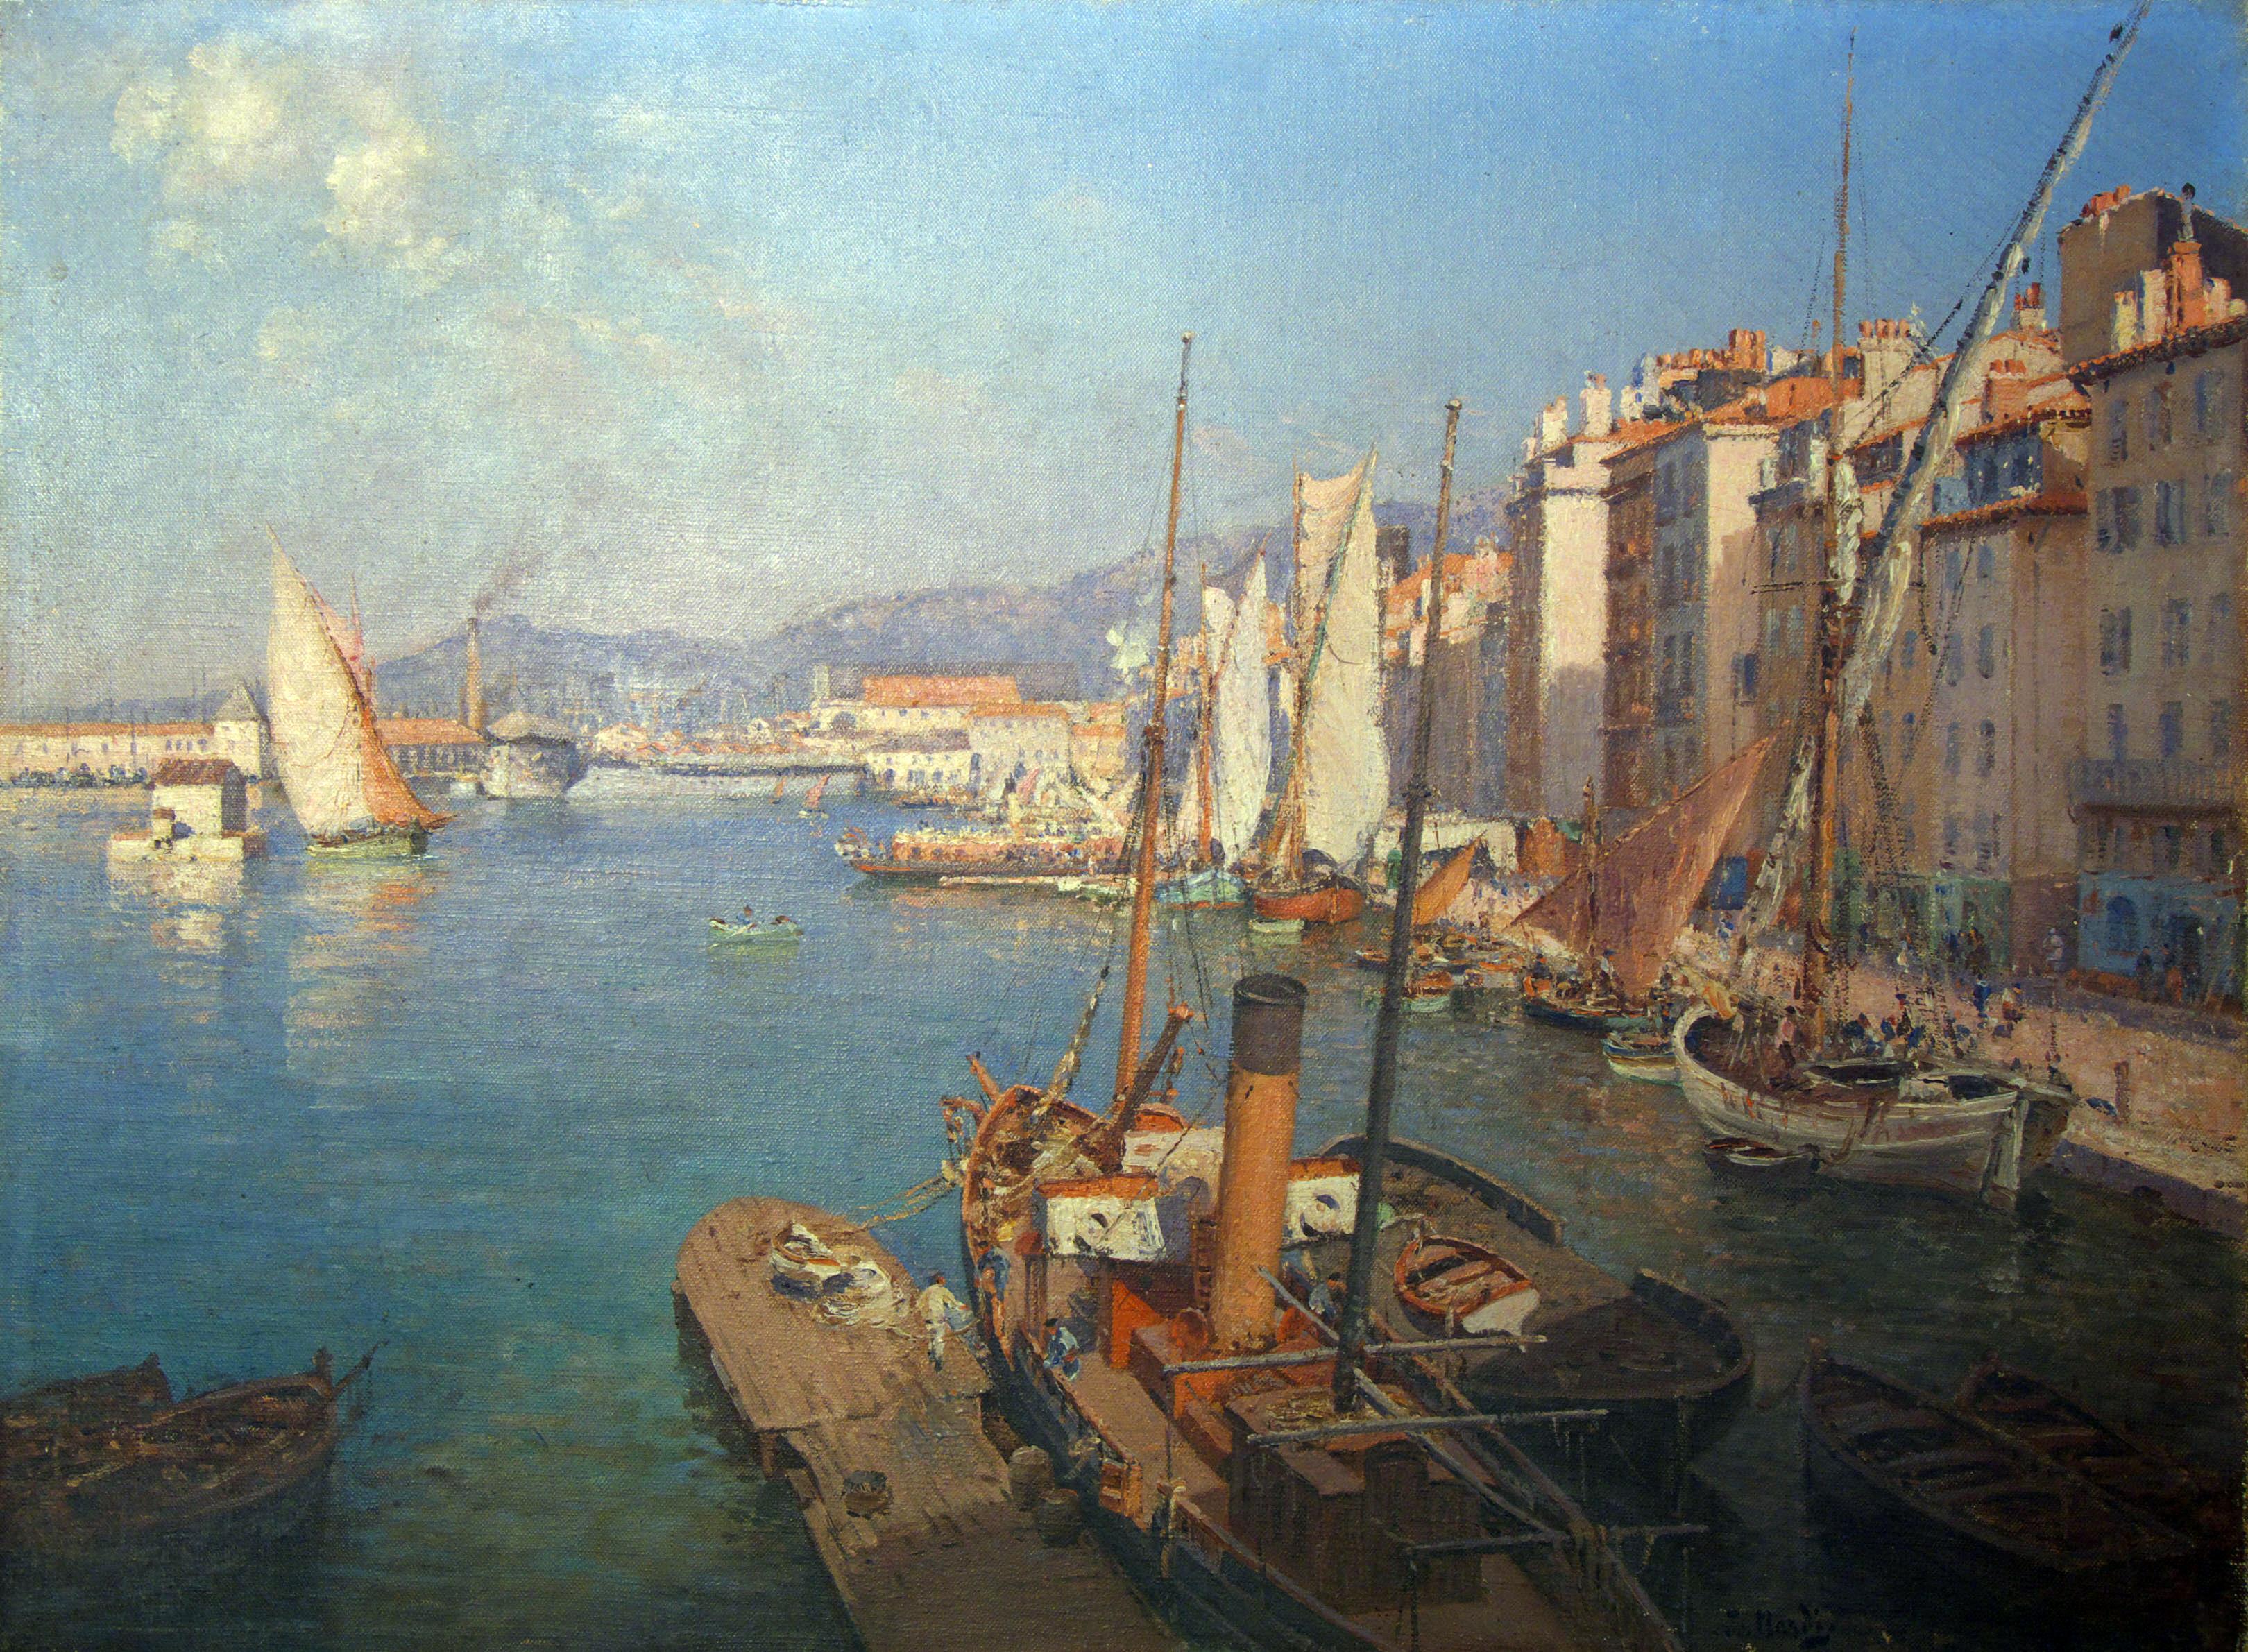 Matin sur le port - Albert Samain Le_port_de_Toulon%2C_le_matin%2C_avec_le_courrier_des_%C3%AEles_d%27Or_%C3%A0_l%27embarcad%C3%A8re